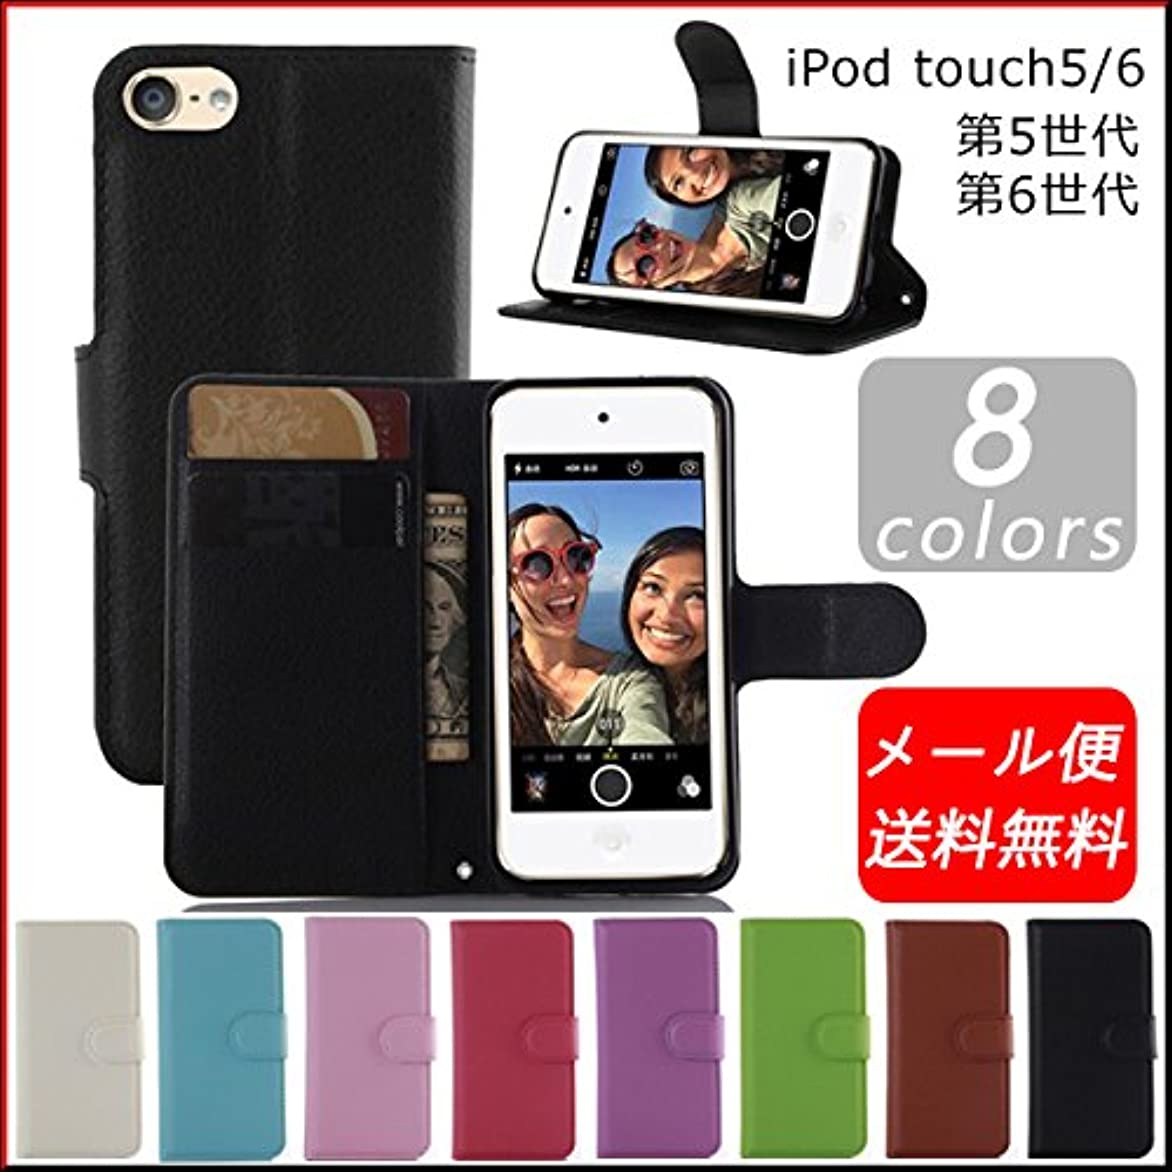 閉塞早く塩〆iPod touch5対応レザーケース|ipod touch 5 手帳型横開きウォレット風|ストラップホール付有あり|カードフォルダー付き|横置き可能|第5世代皮革カバー★オレンジ